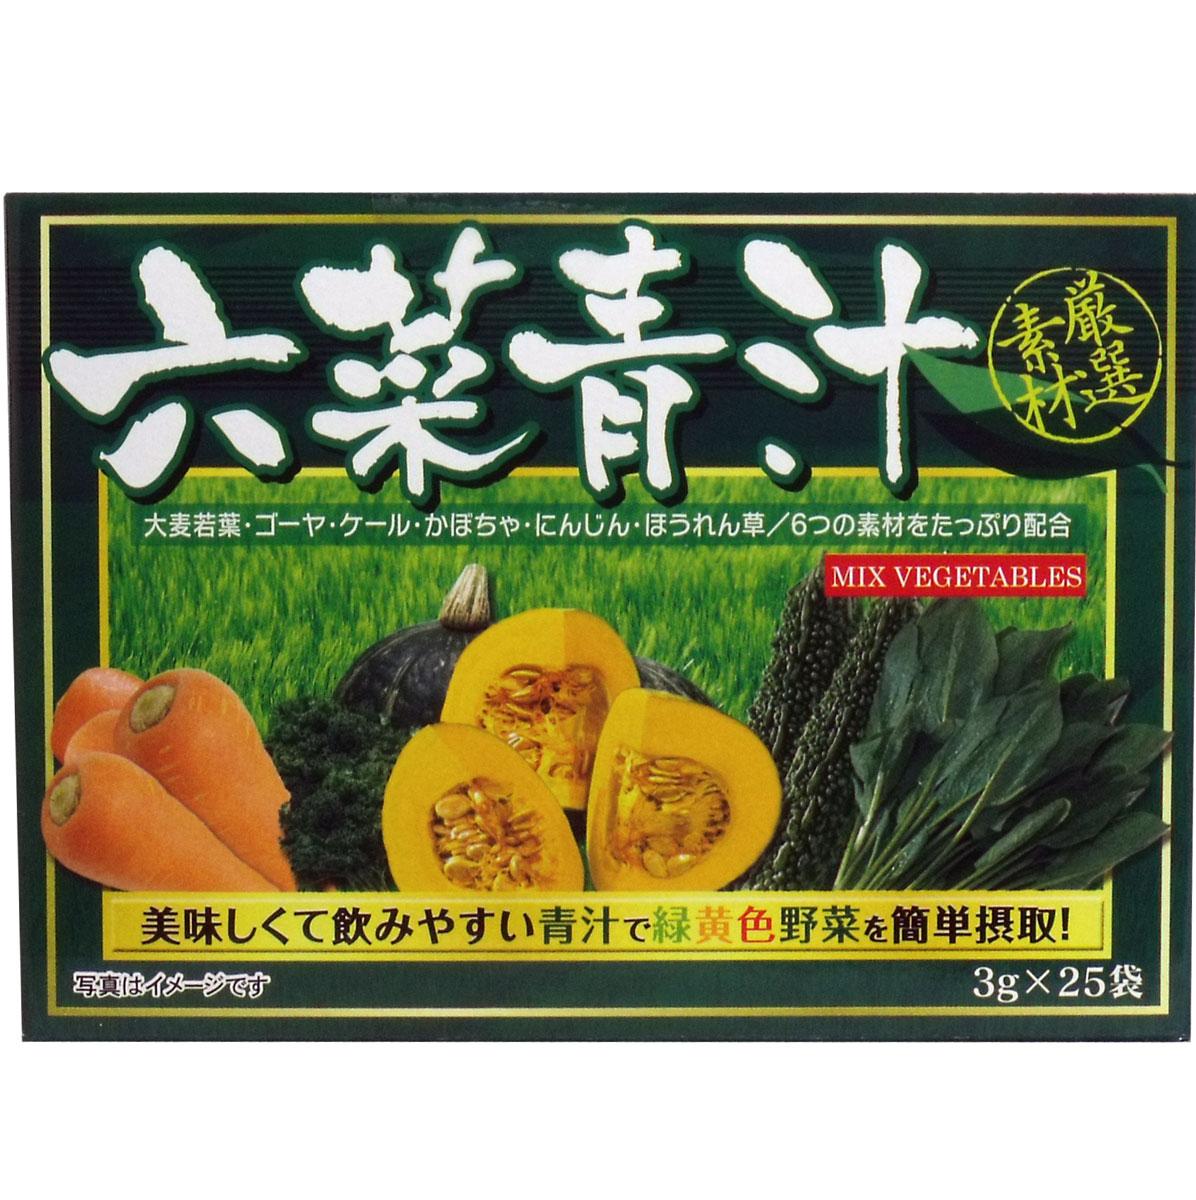 六菜青汁 3g×25袋